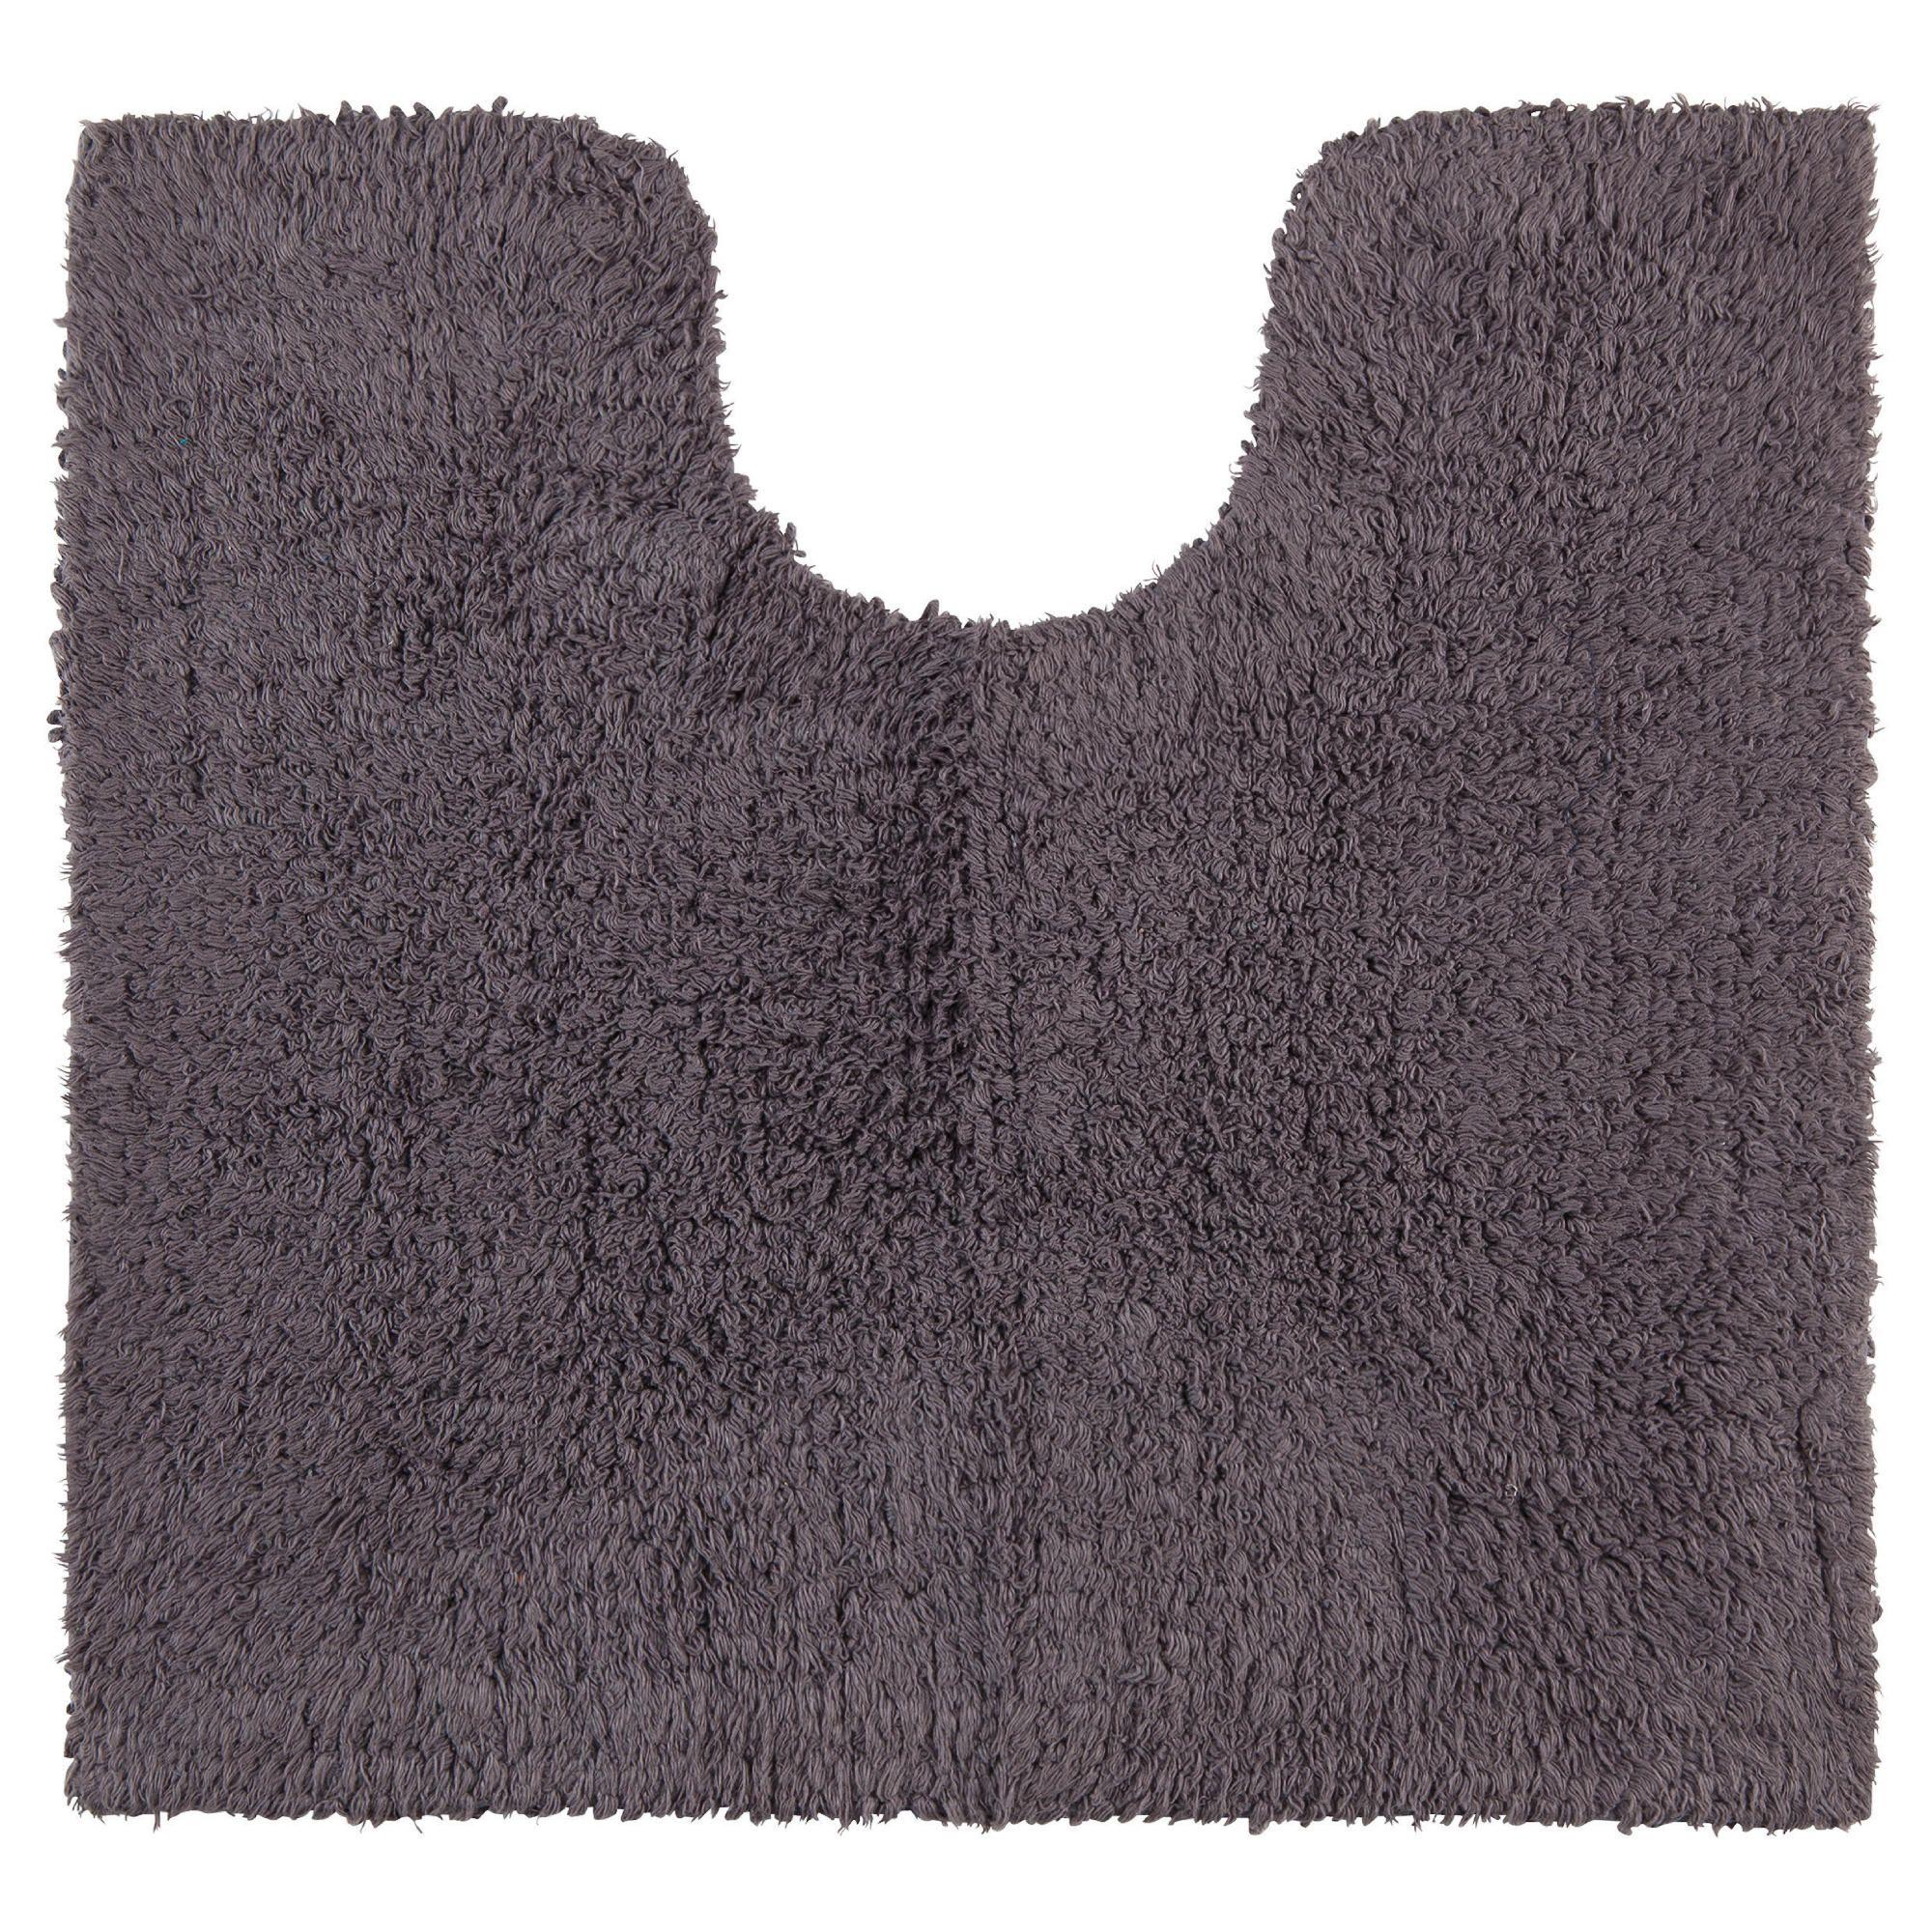 tesco direct uk shop online at tesco direct enjoy. Black Bedroom Furniture Sets. Home Design Ideas